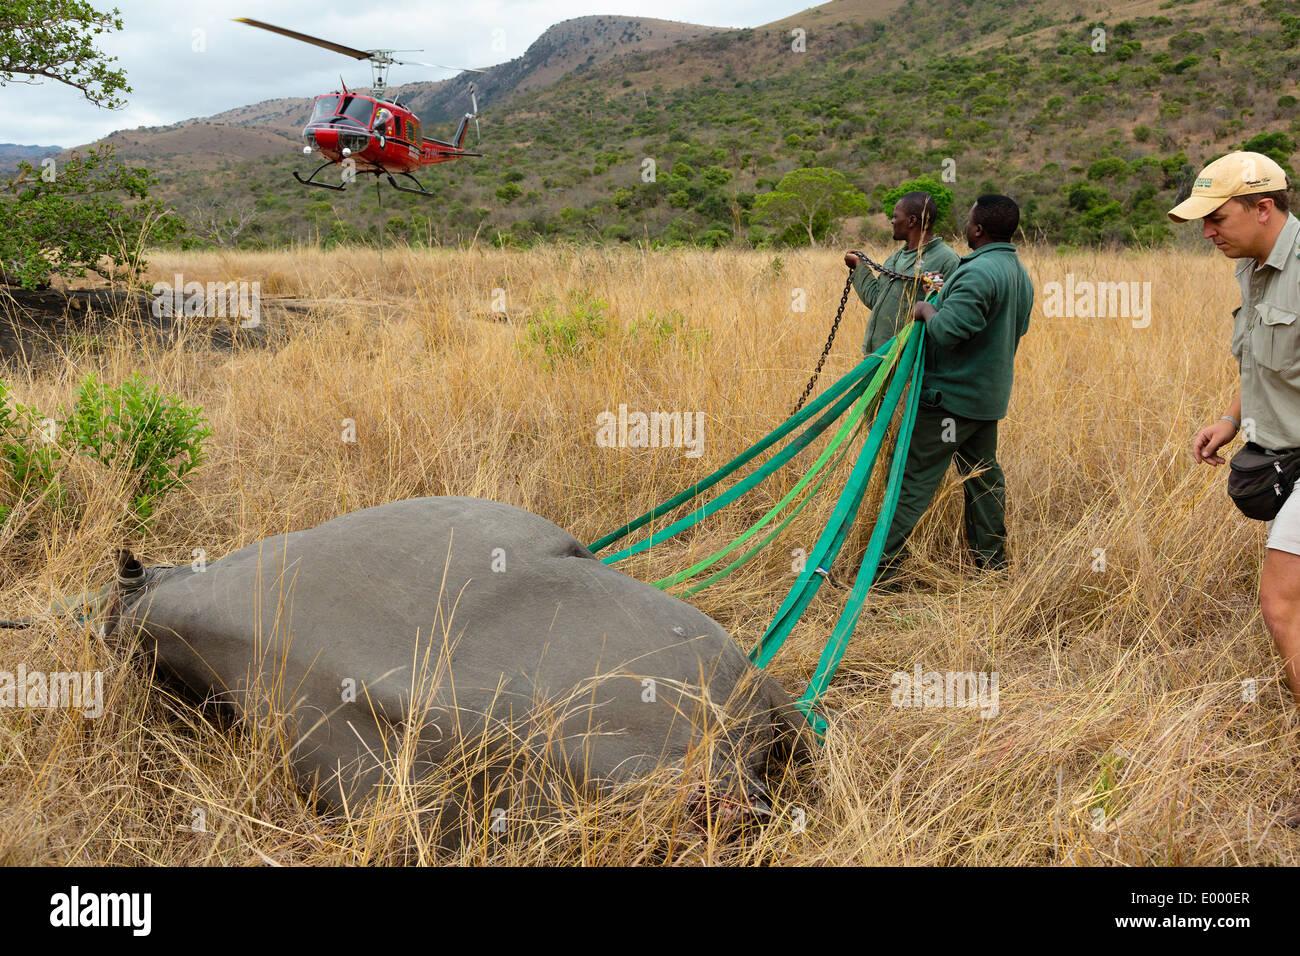 Le Rhinocéros noir (Diceros bicornis) en préparation pour le transport aérien par hélicoptère.Ithala game reserve.Afrique Banque D'Images